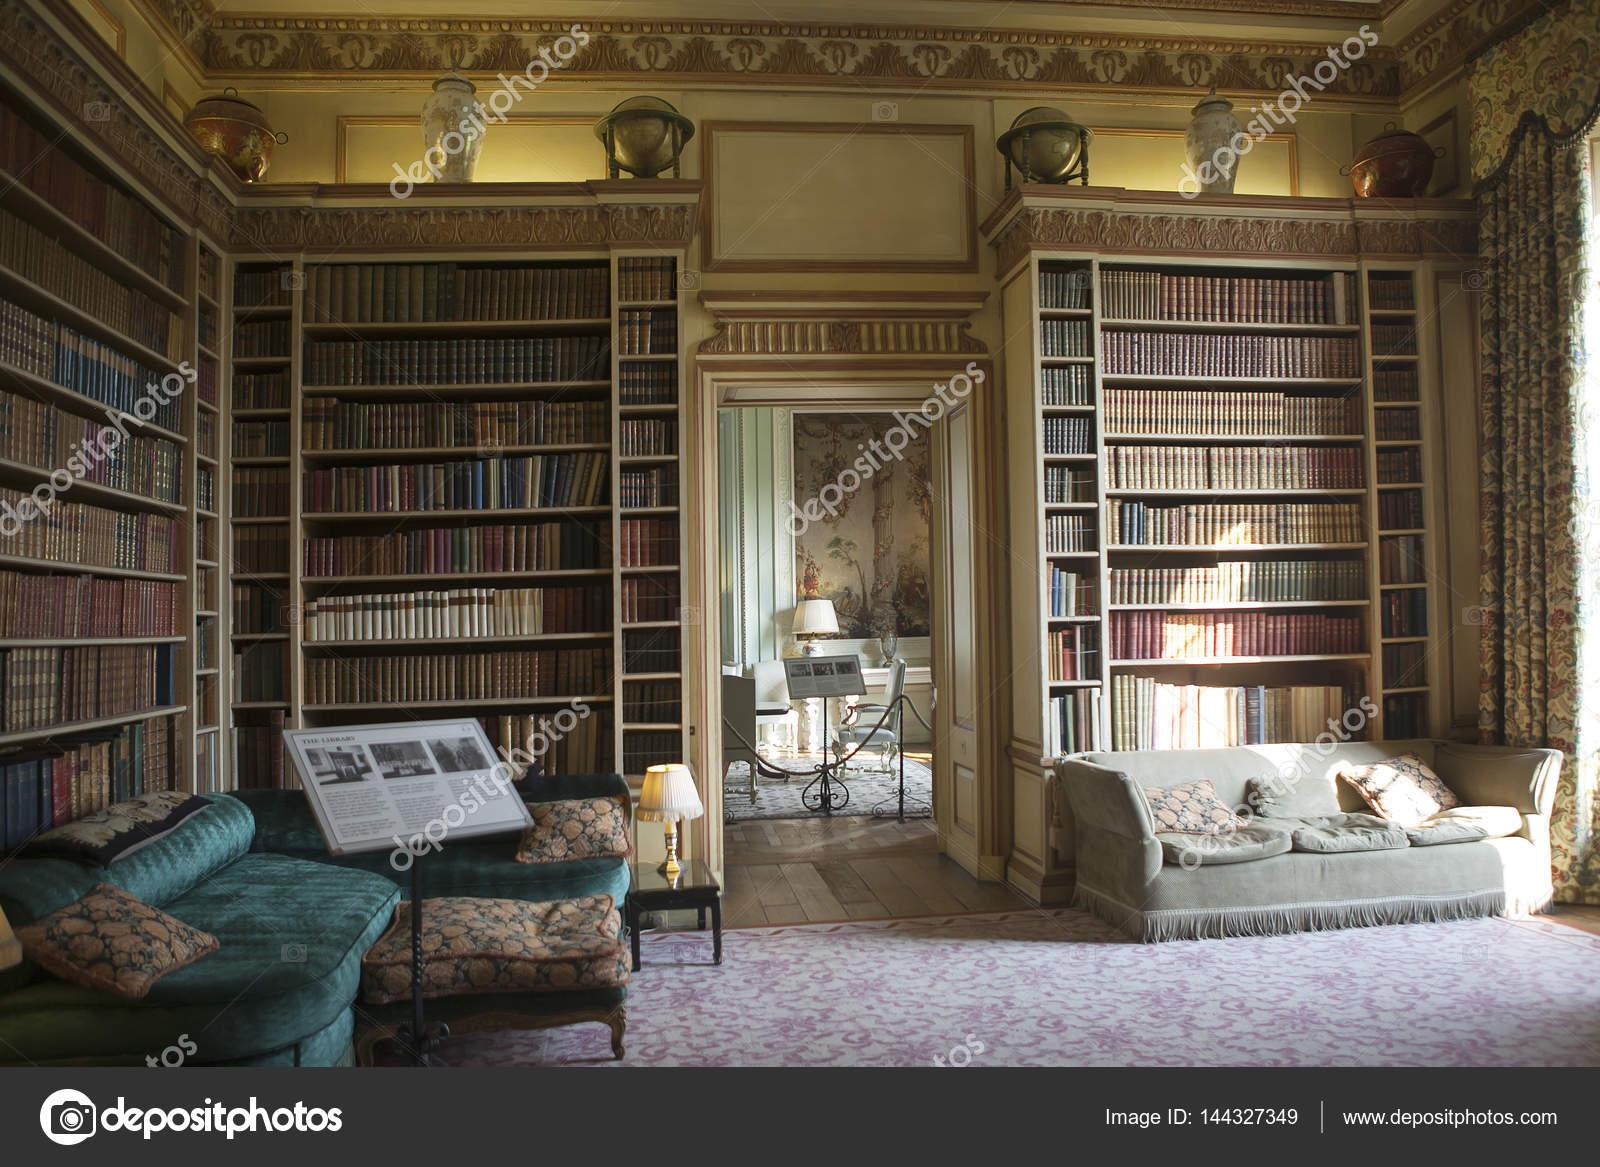 https://st3.depositphotos.com/3268323/14432/i/1600/depositphotos_144327349-stockafbeelding-typische-interieur-van-engelse-kasteel.jpg